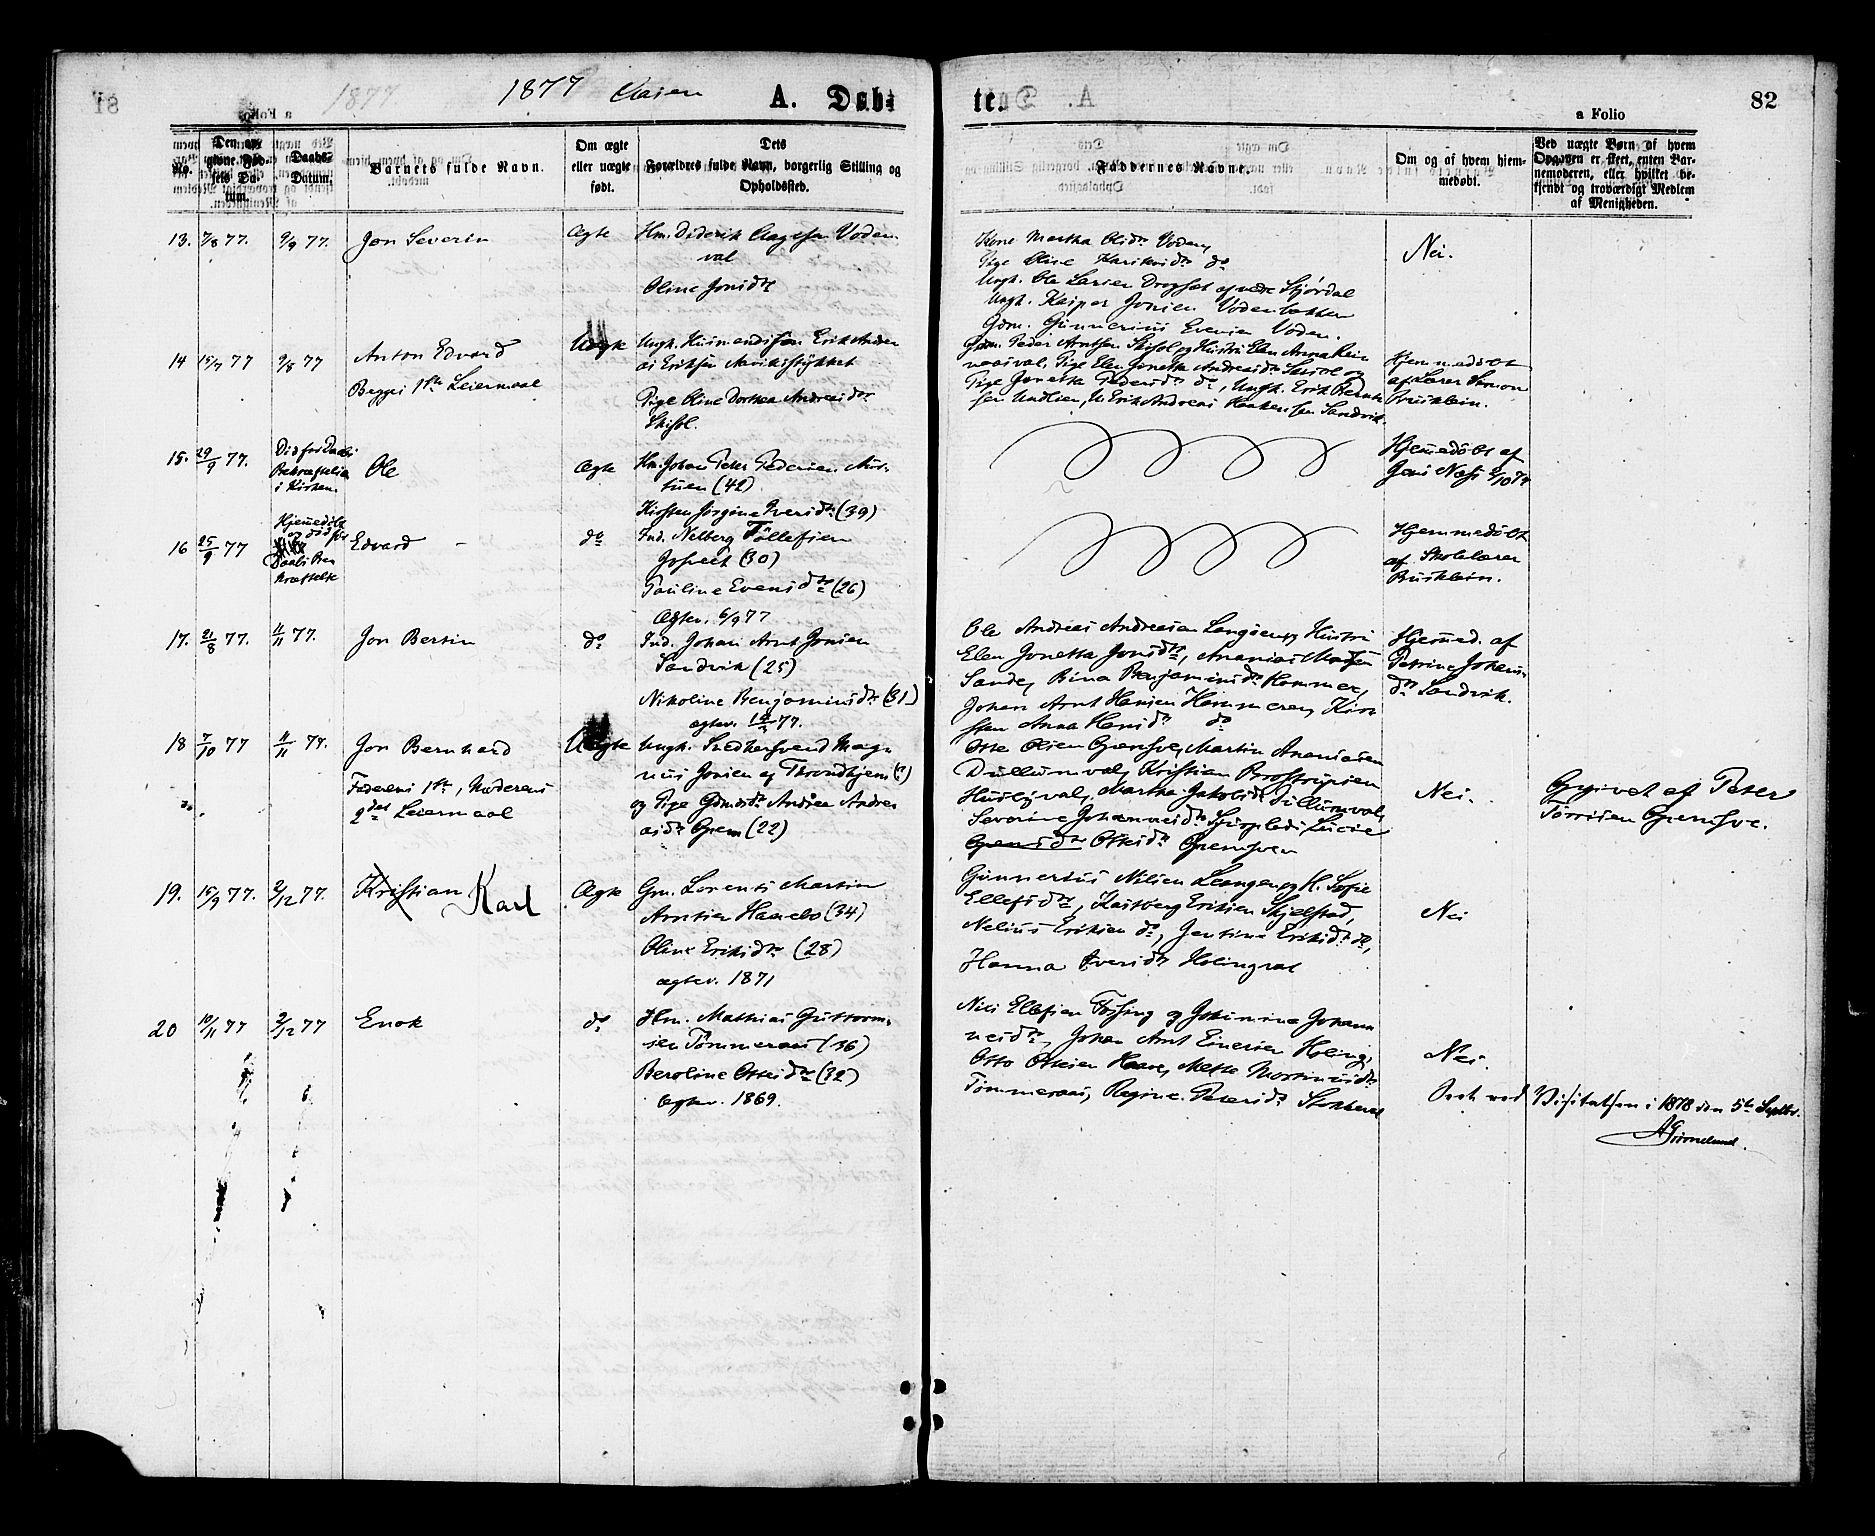 SAT, Ministerialprotokoller, klokkerbøker og fødselsregistre - Nord-Trøndelag, 713/L0118: Ministerialbok nr. 713A08 /2, 1875-1877, s. 82